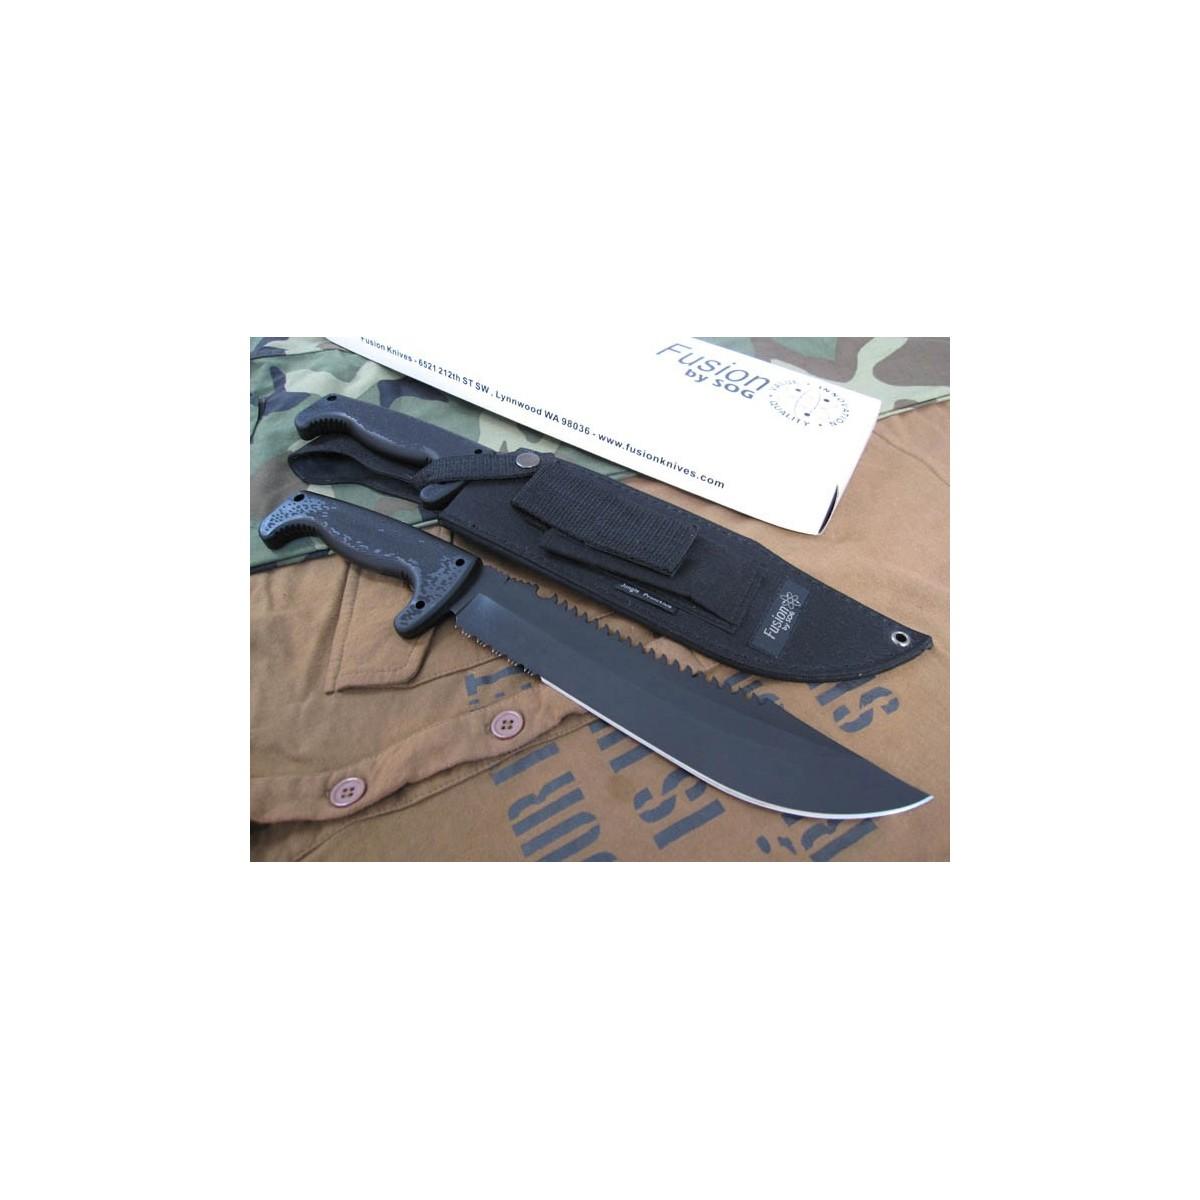 """มีดใบตาย SOG F03T Jungle Primitive Fixed 9.5"""" Black Sawback Blade, Kraton Handles, Nylon Sheath"""